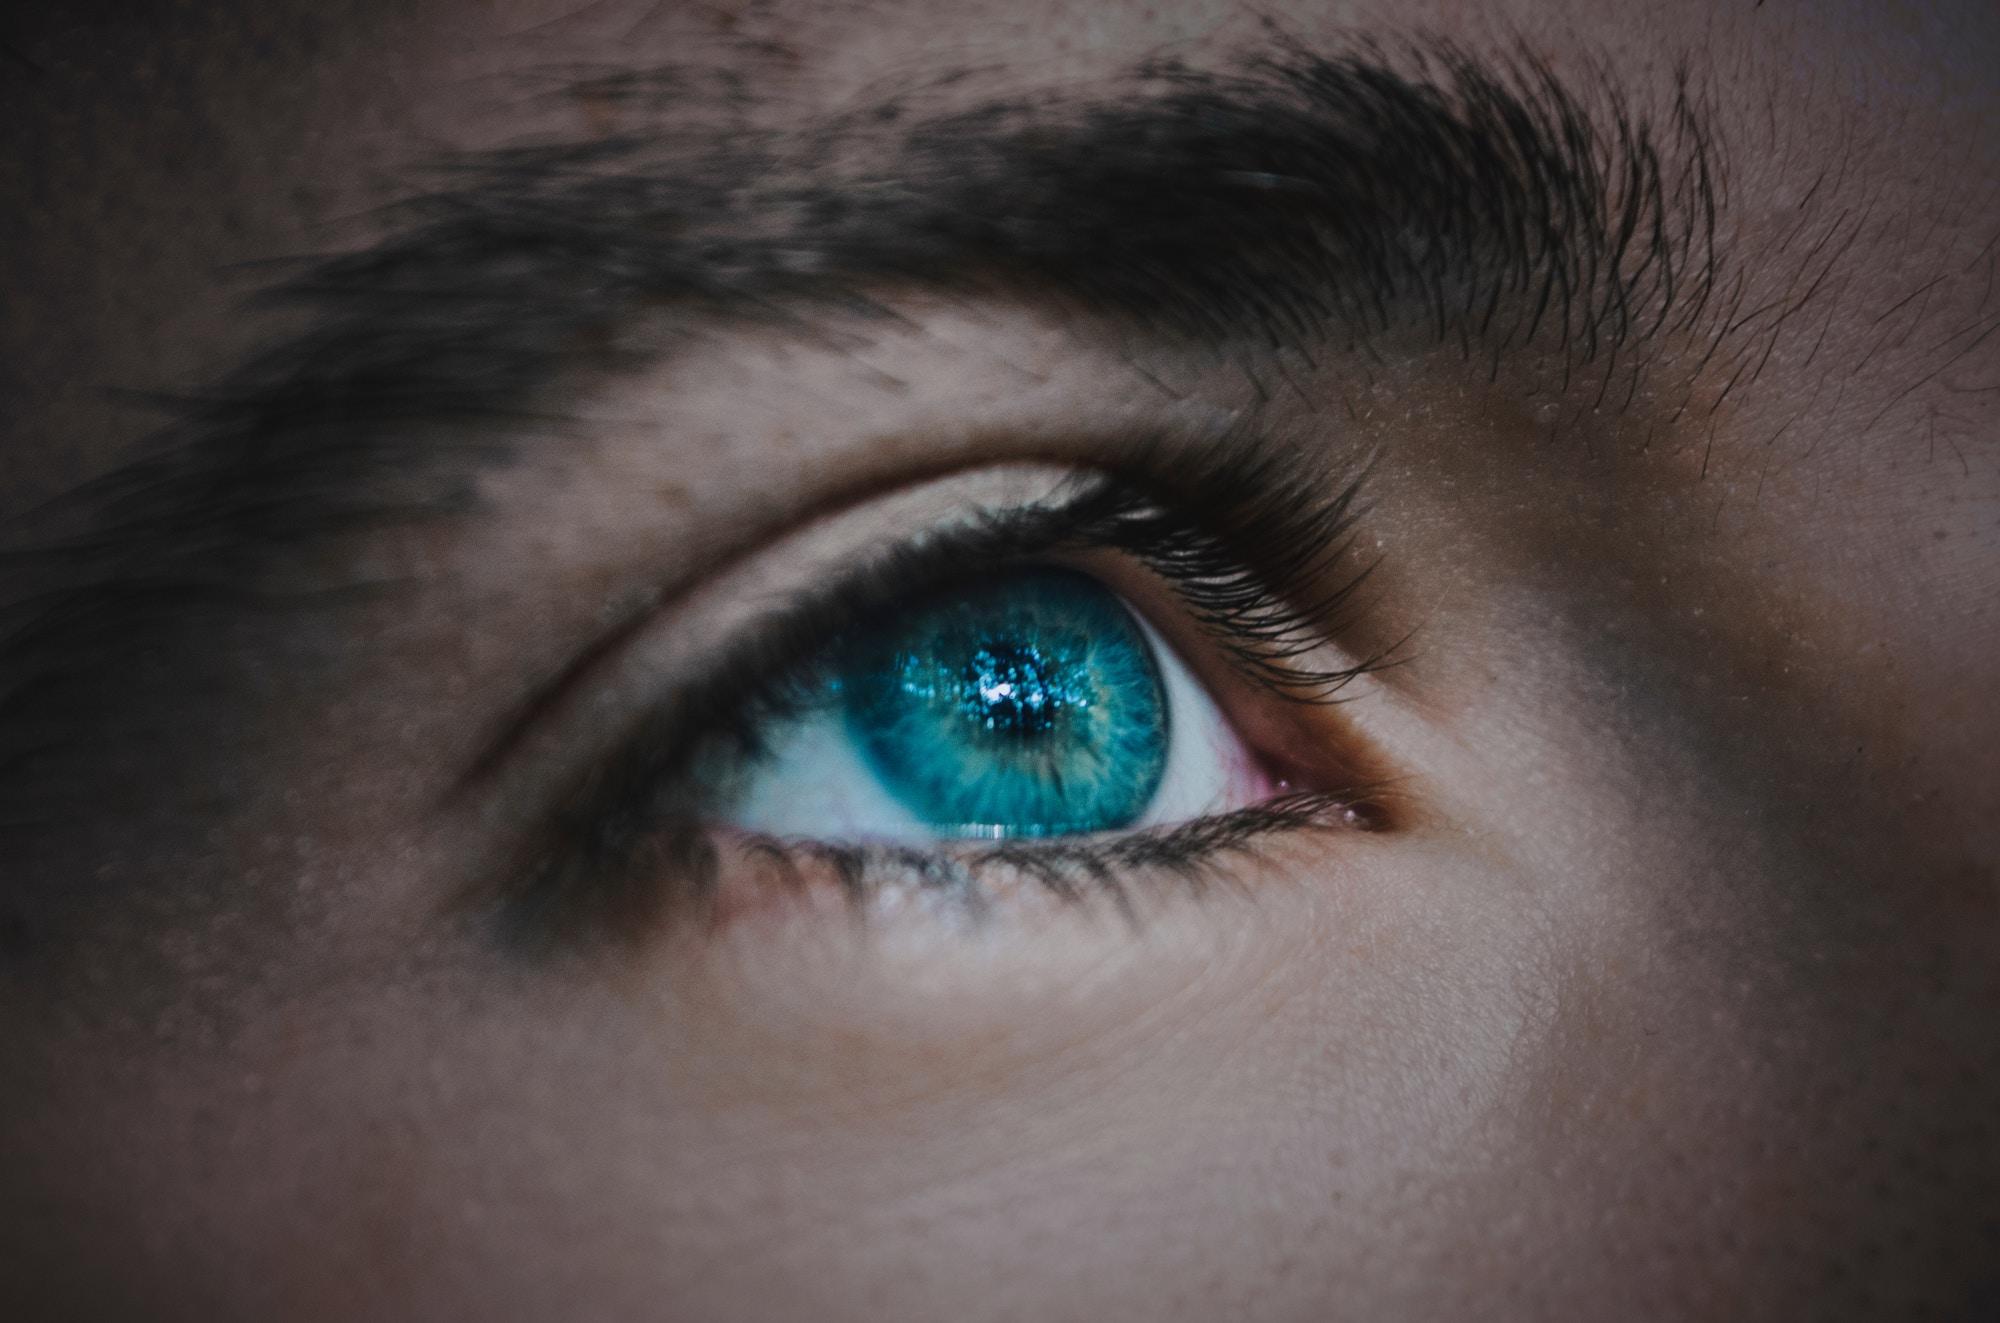 手術なしで視力回復?次世代コンタクトレンズ「オルソケラトロジー」とは